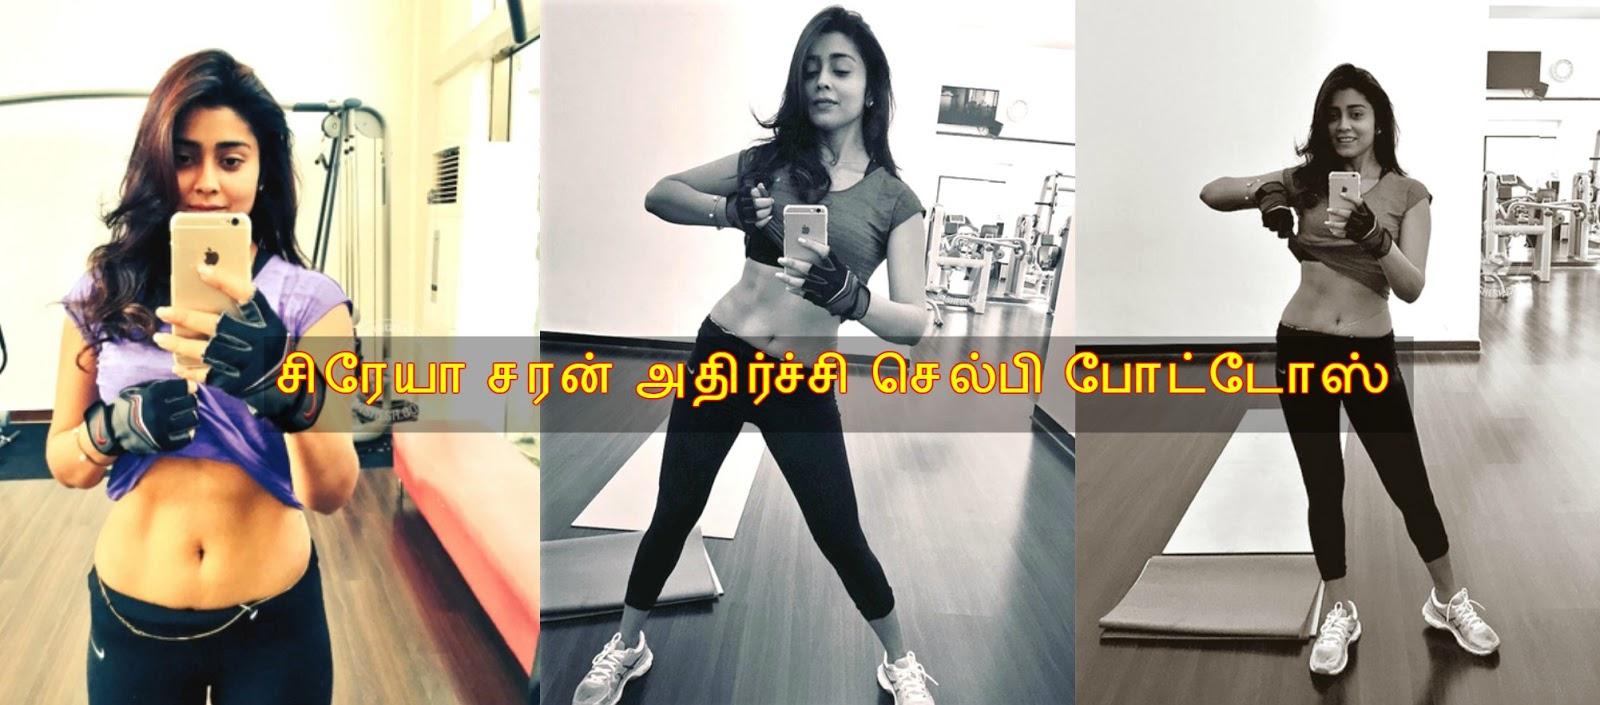 Shriya Saran Gym: Shriya Saran Actress Shocking Hot Selfie